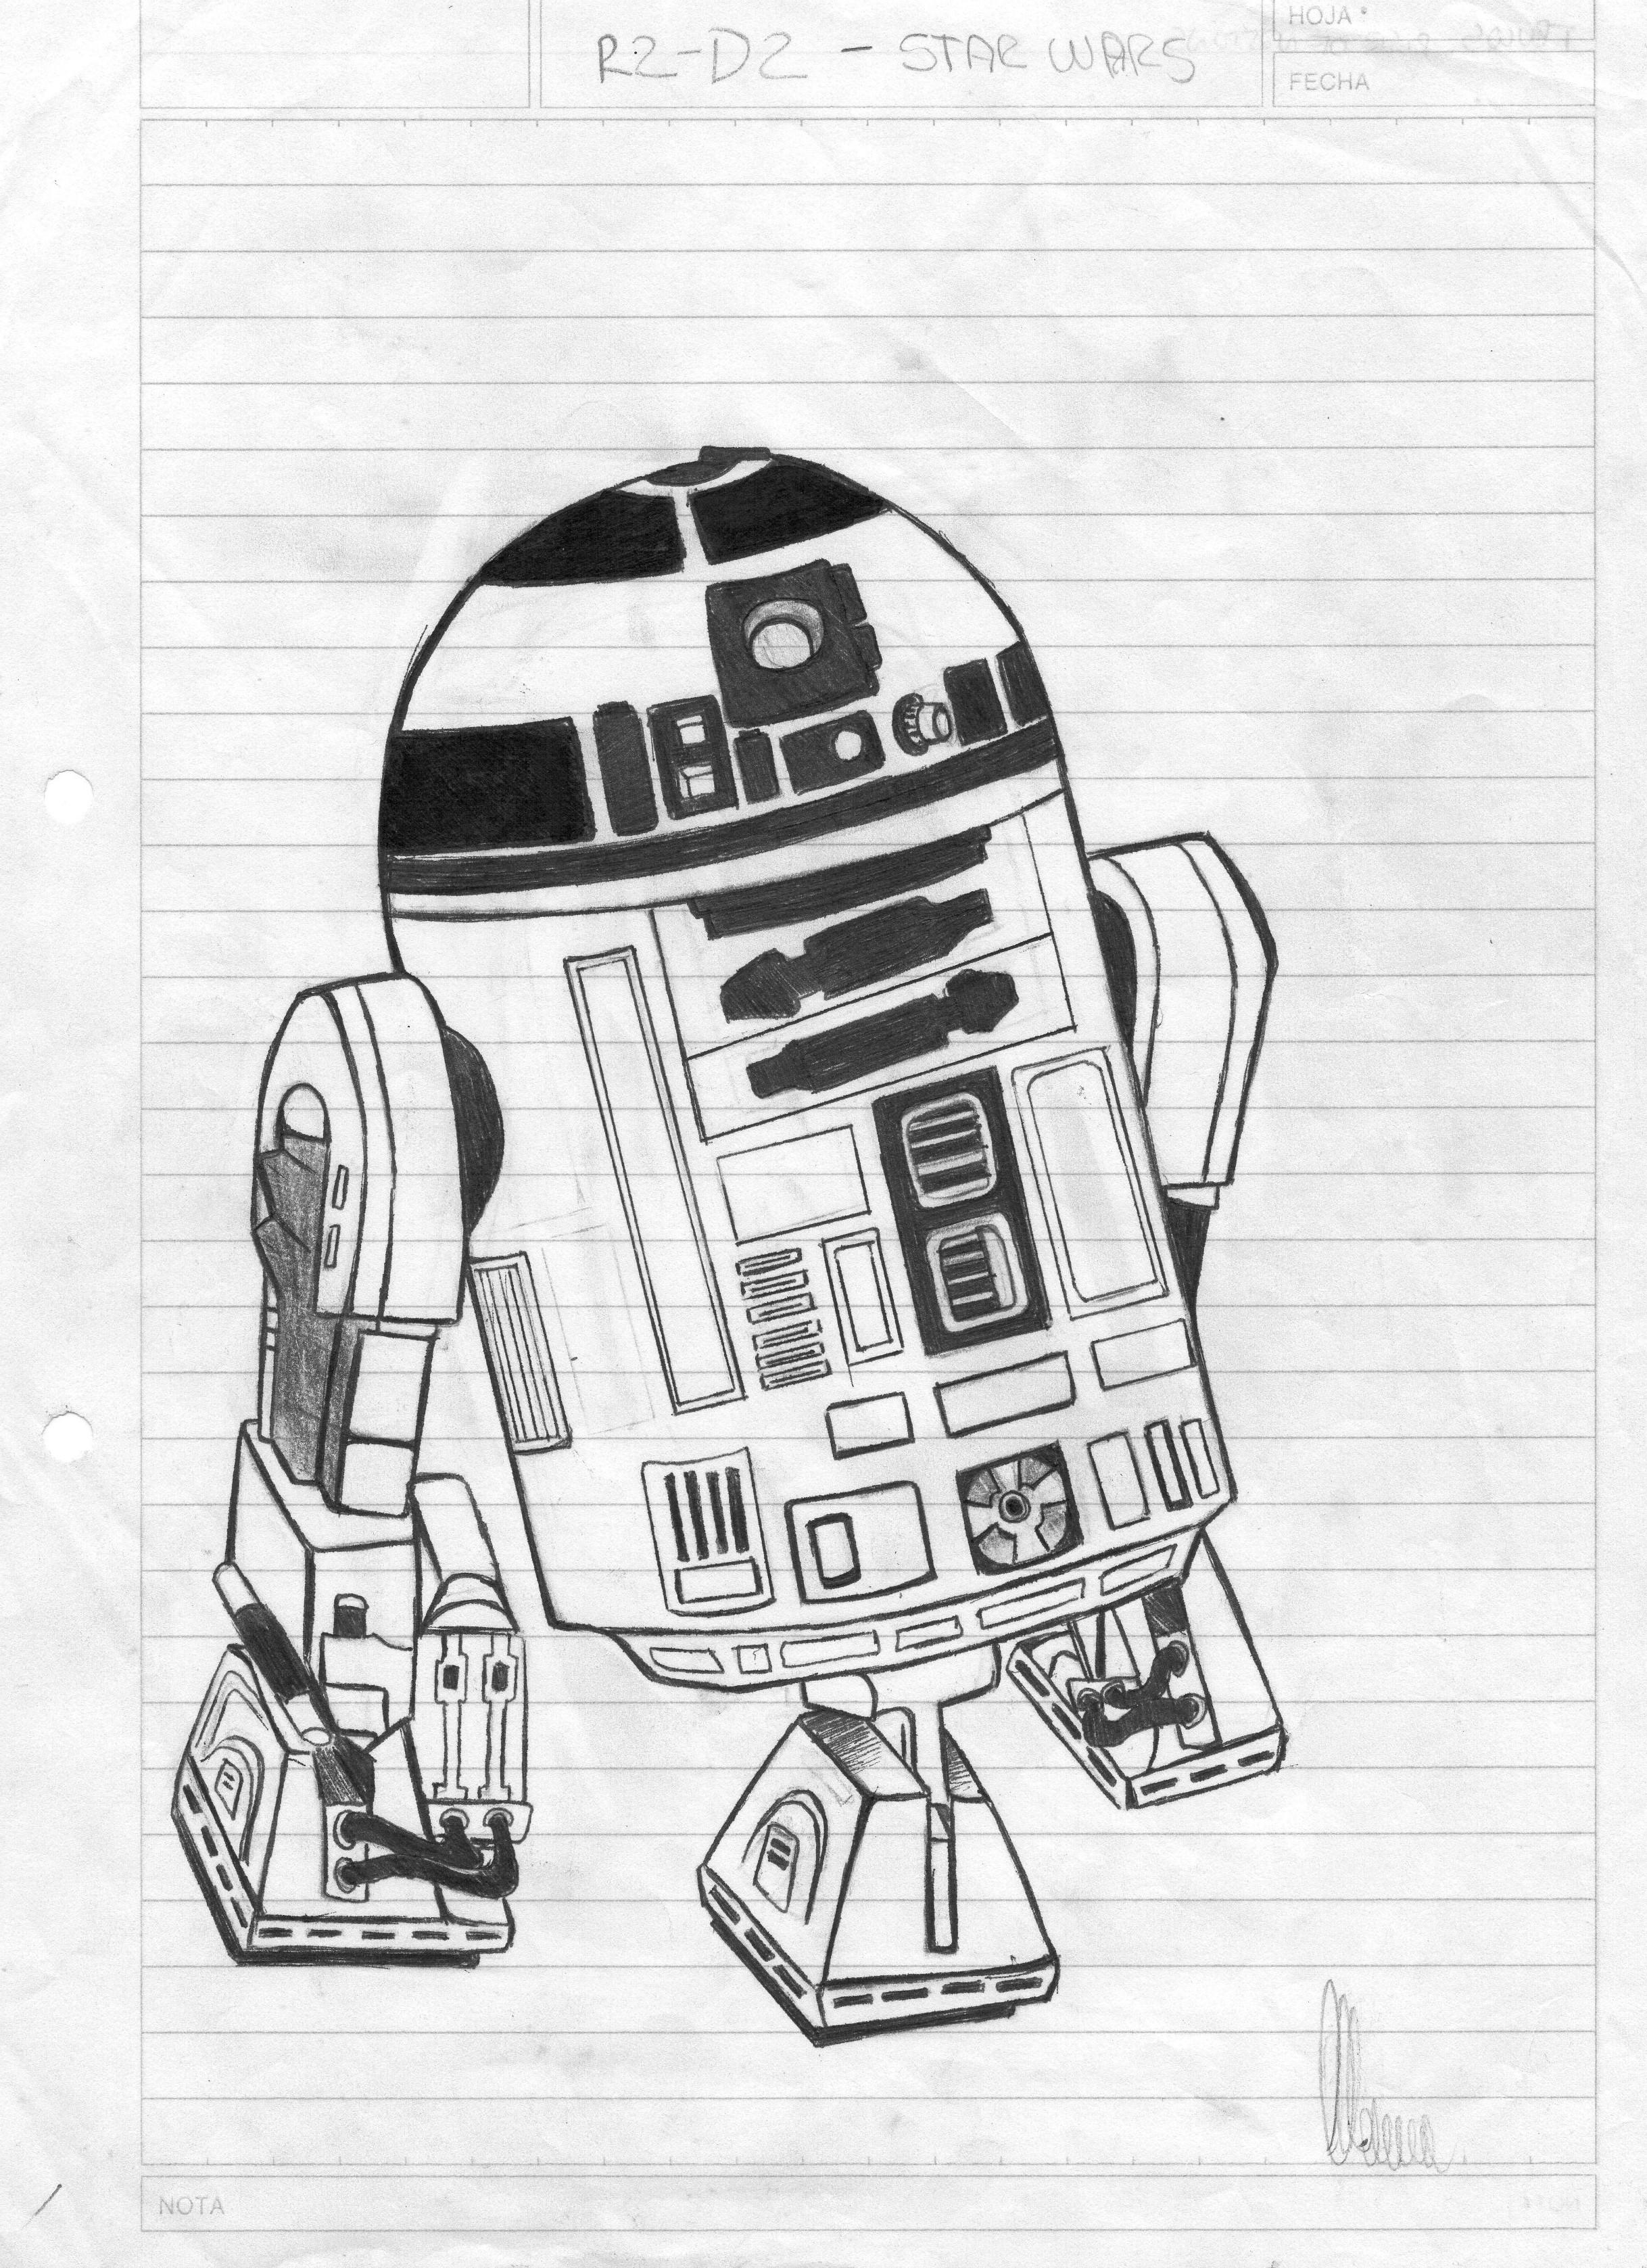 Dibujos propios de Star Wars + pequeña yapa